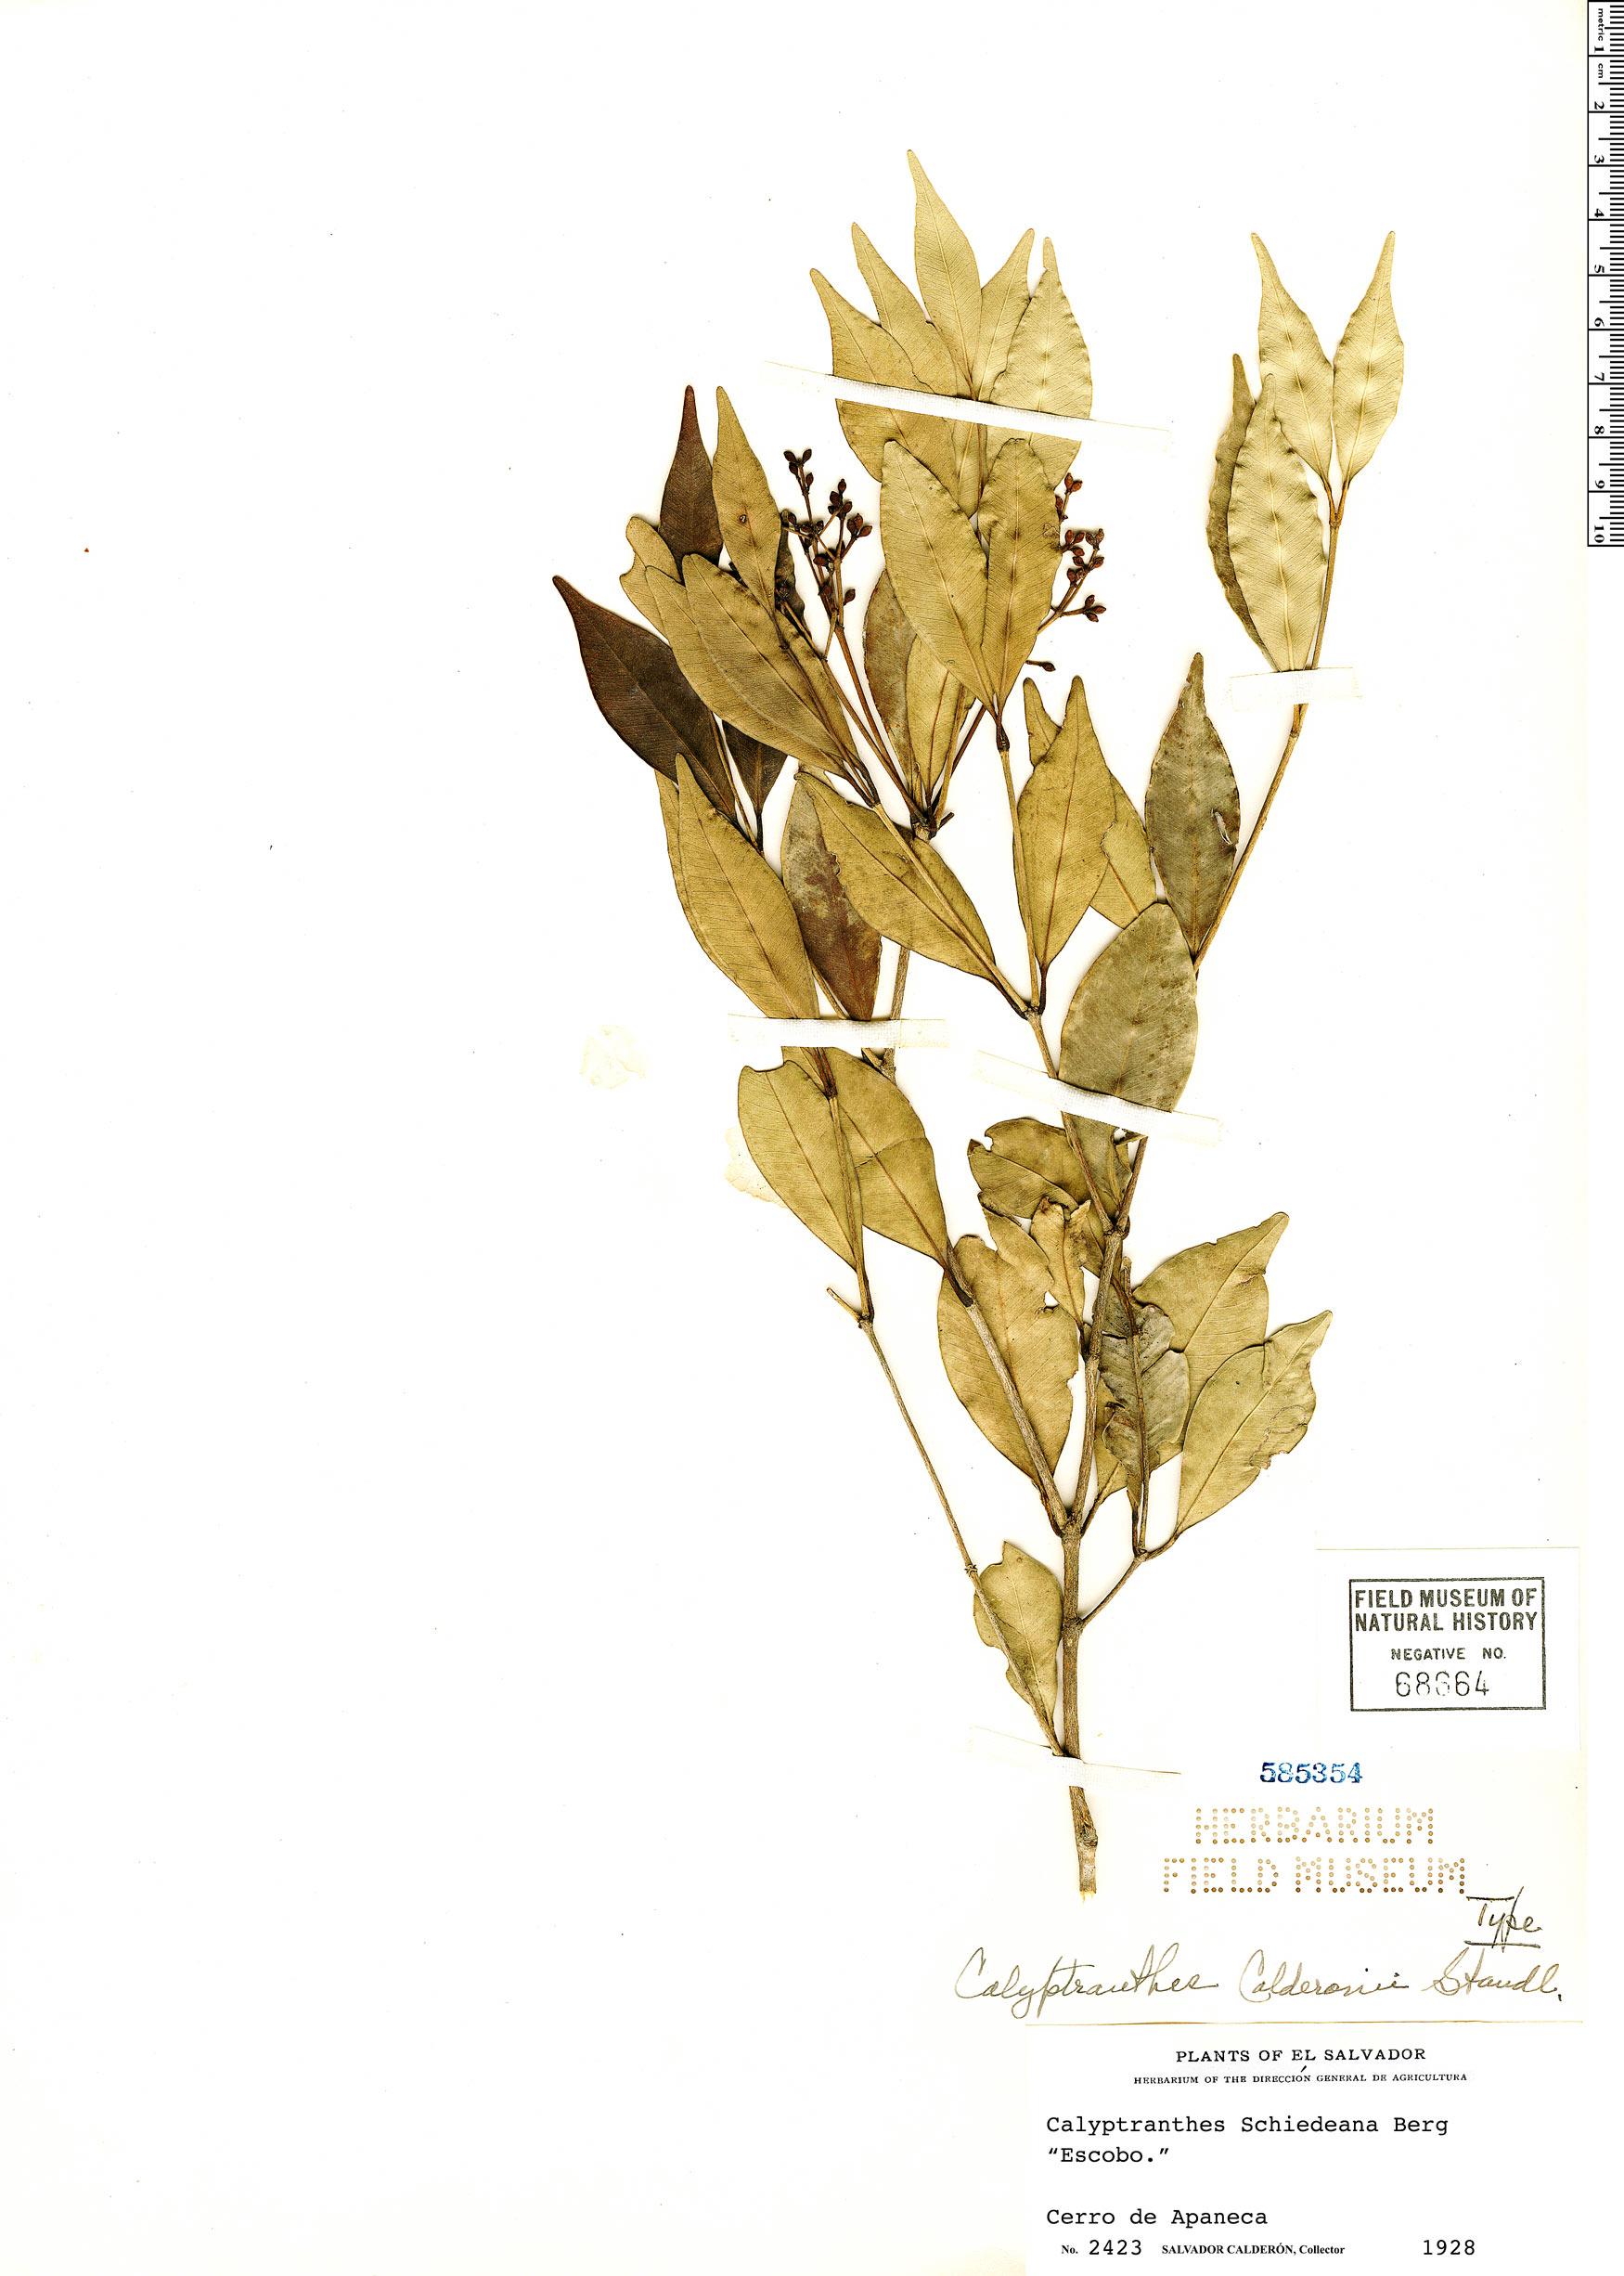 Specimen: Calyptranthes calderonii